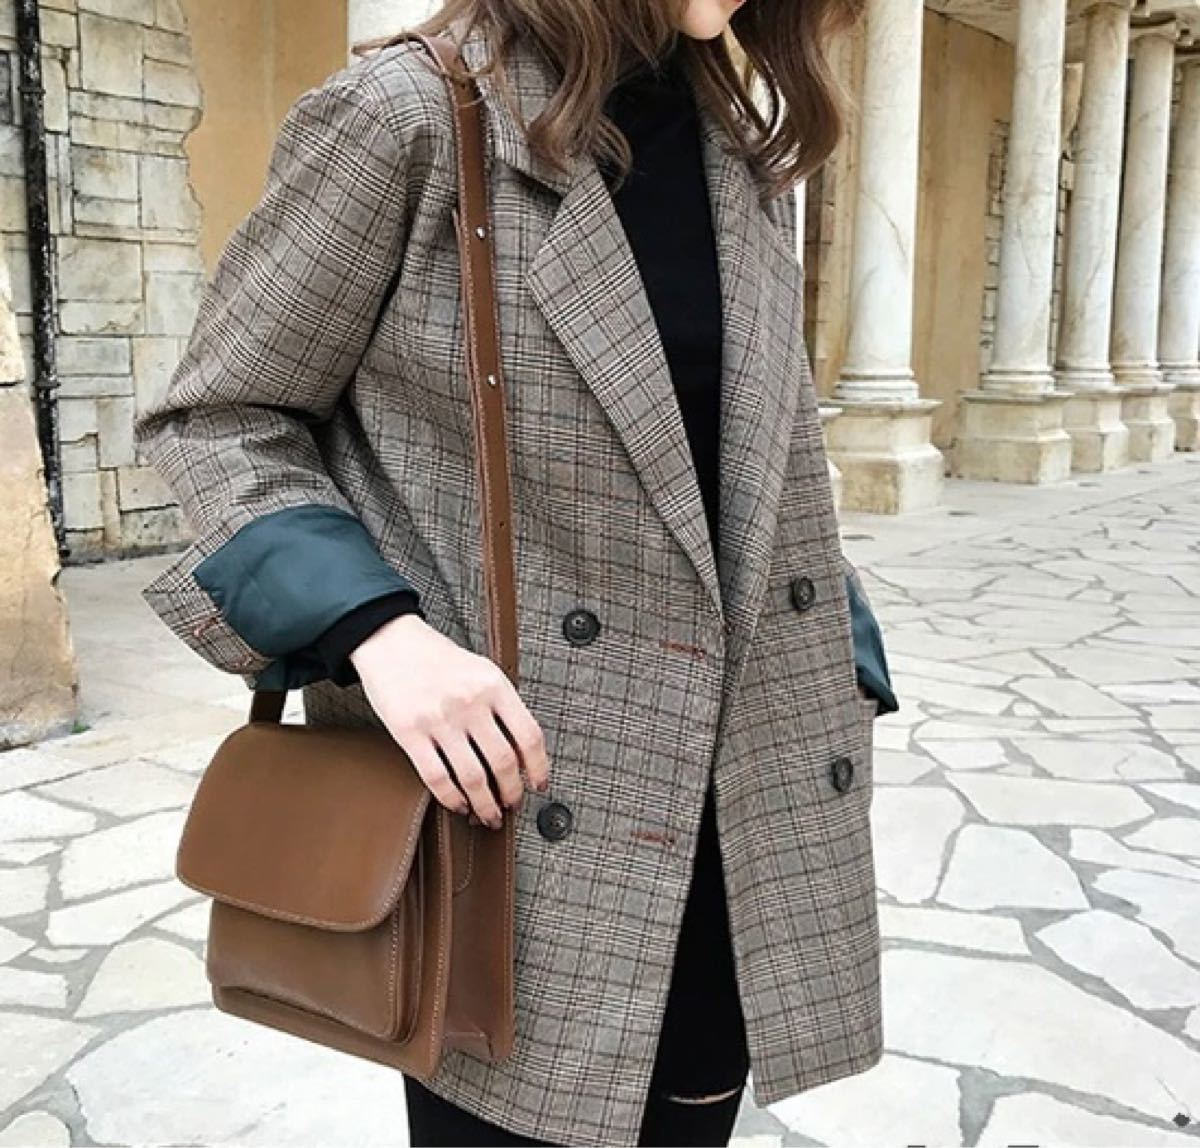 韓国ファッション チェスターコート アウタージャケット グレンチェック チェック柄 ビックシルエット